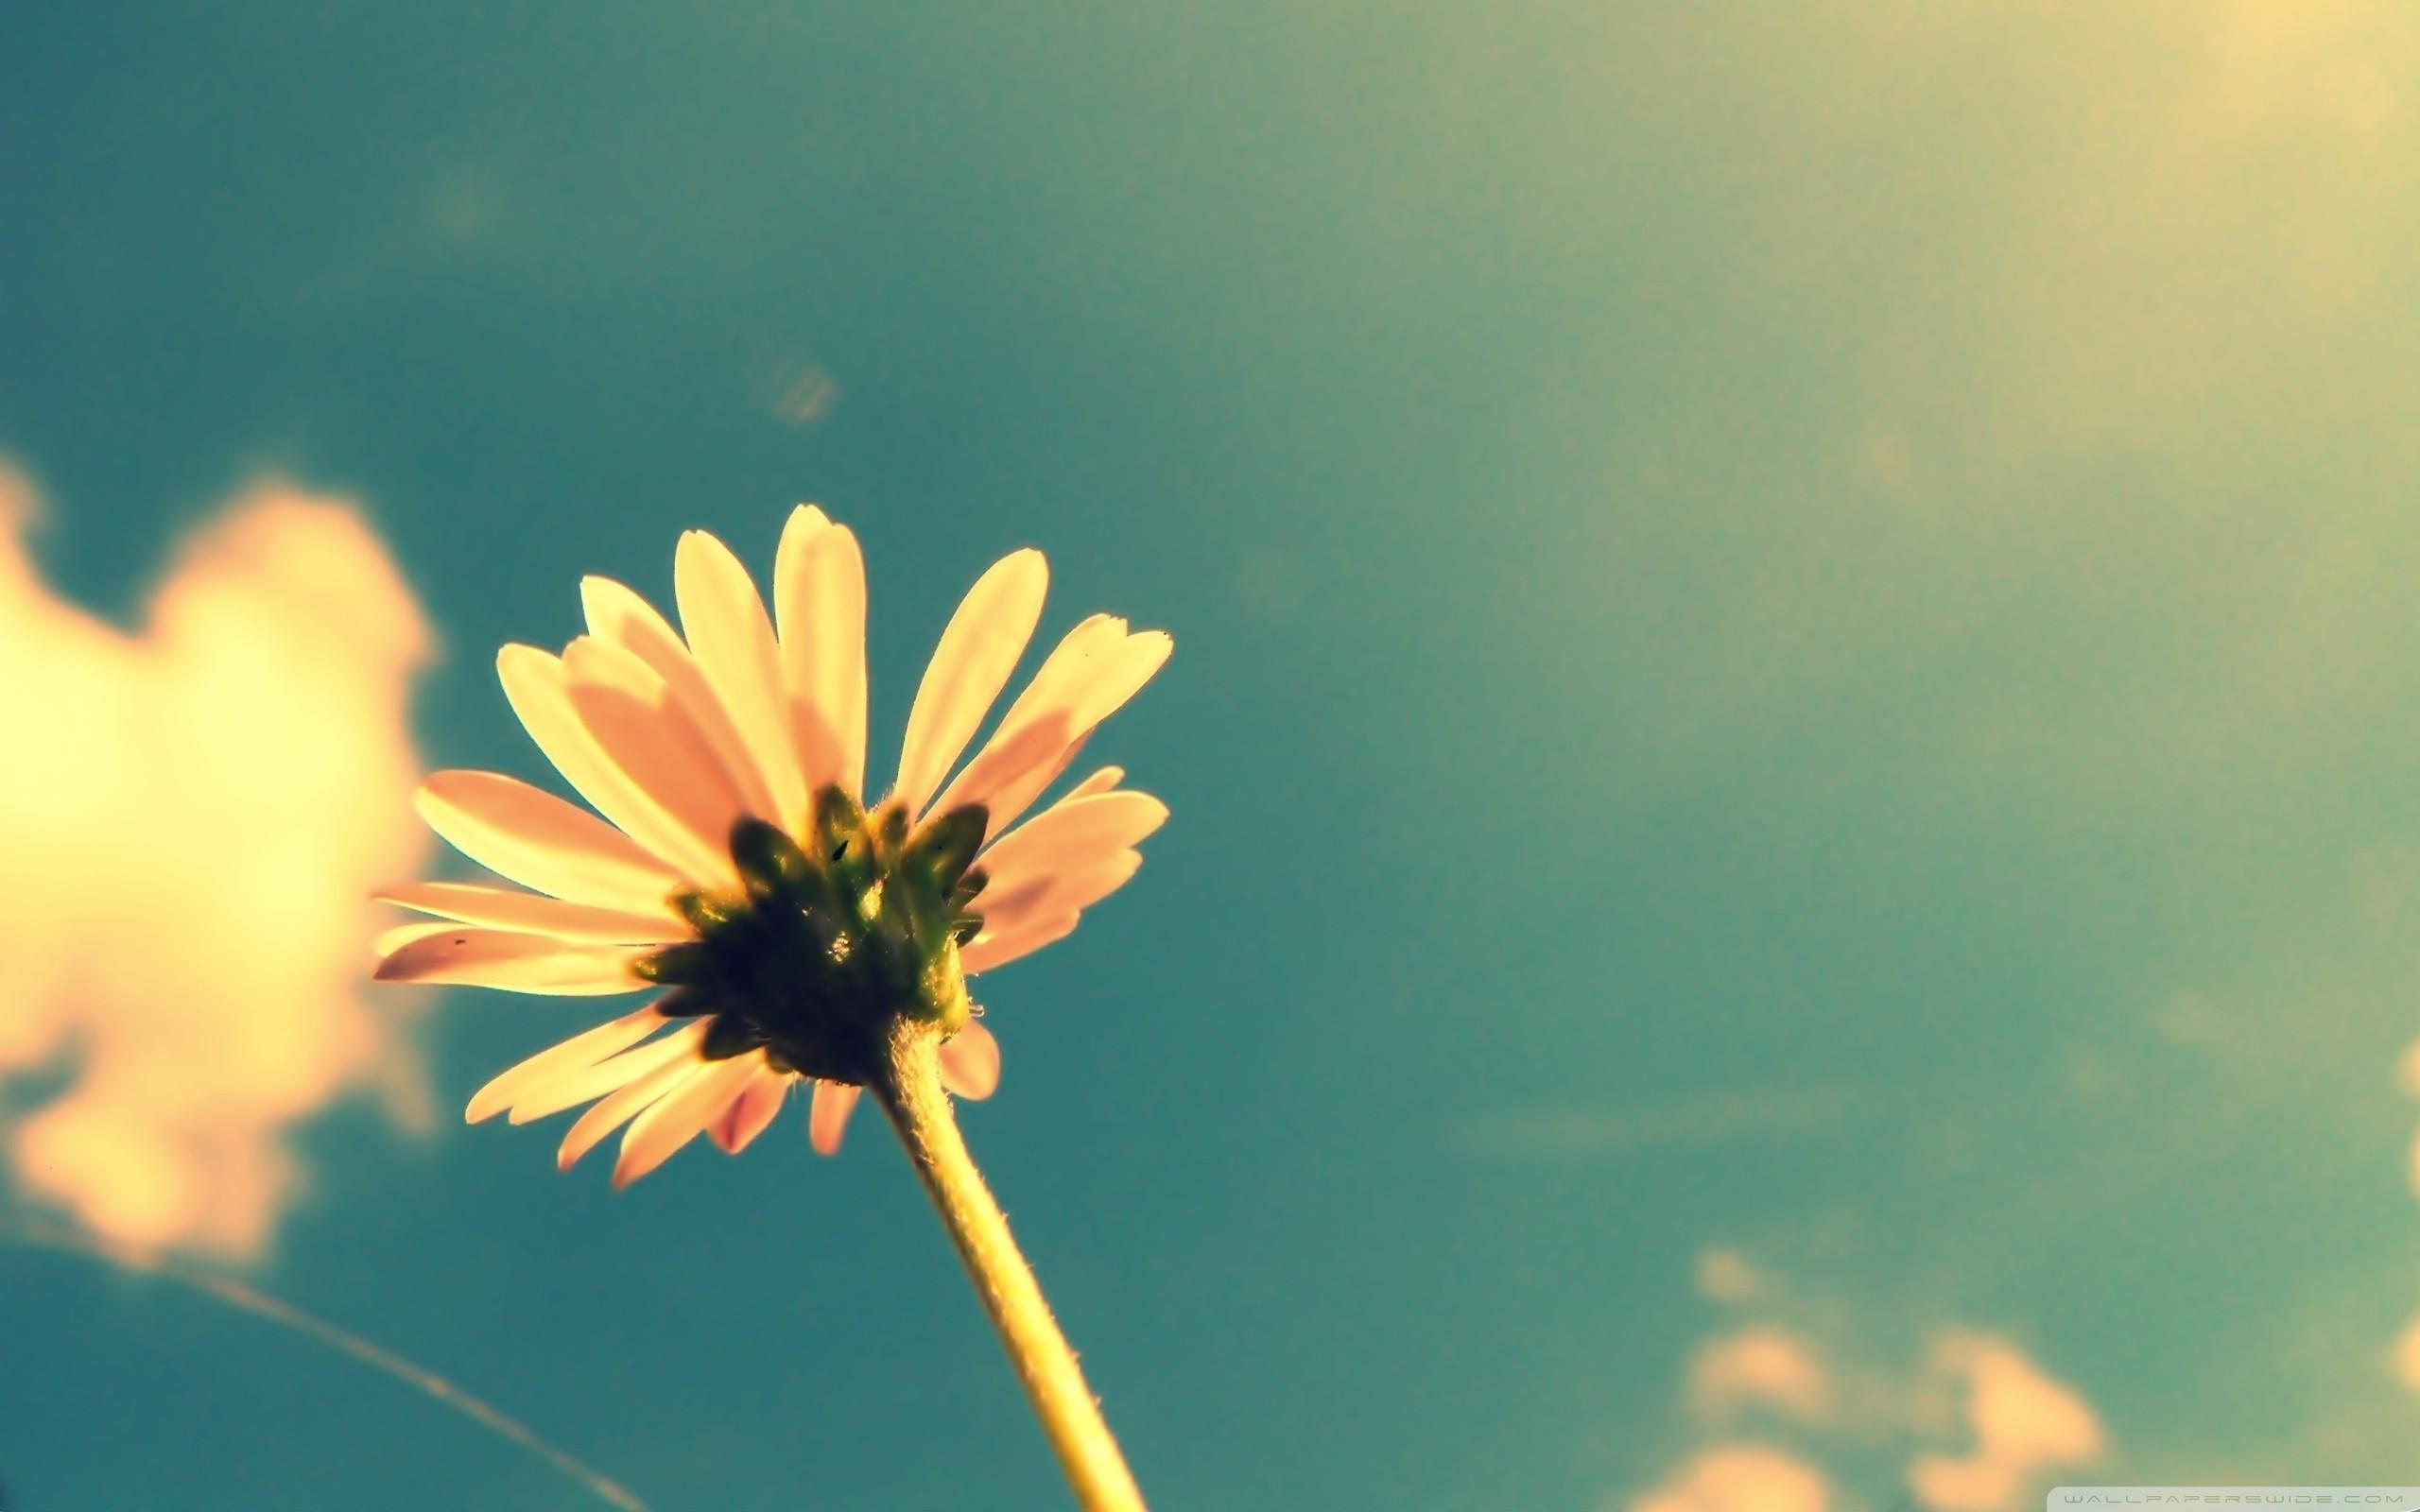 Flower-Hipster-Wallpaper-HD